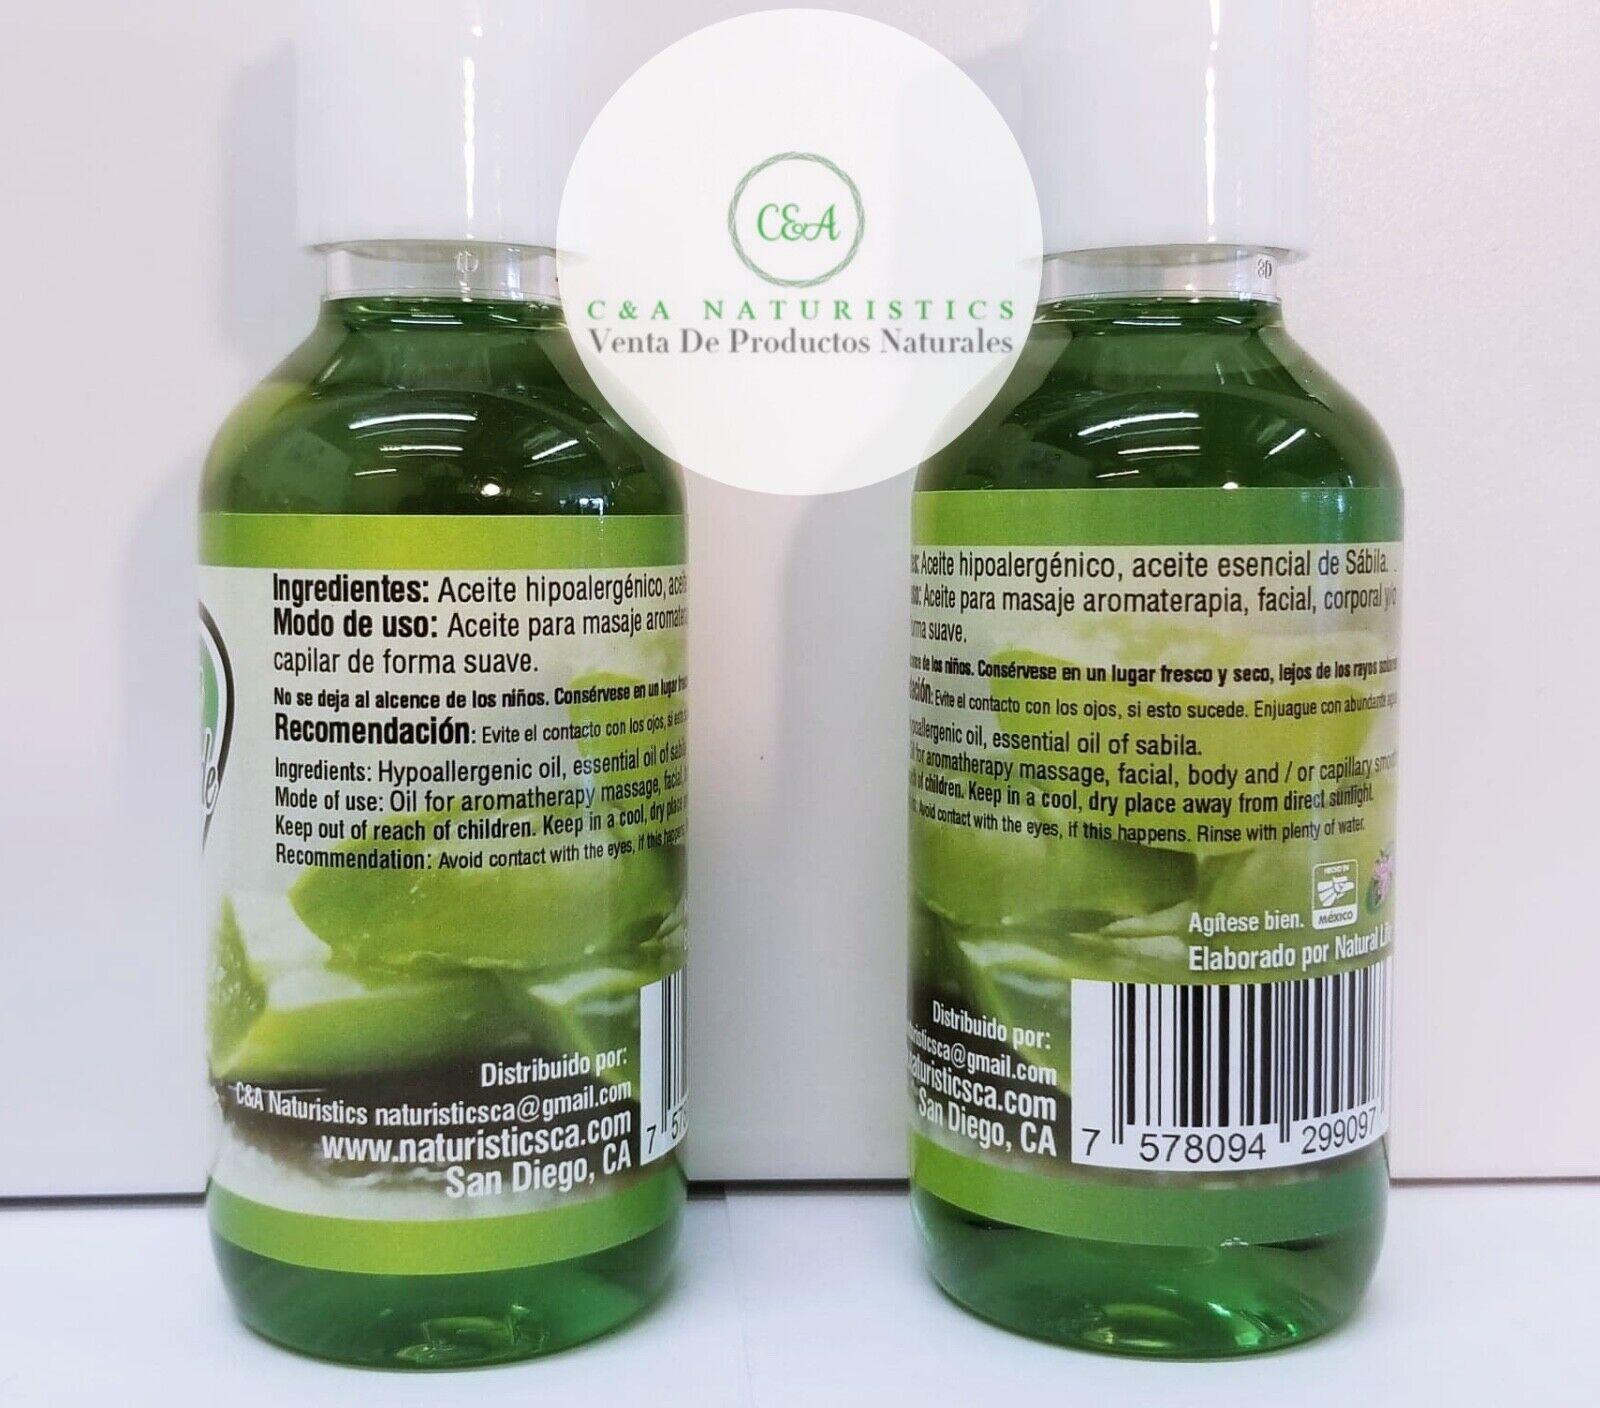 Aceite Organico de Sabila 100% Original & Concentrado (2 Pack 125ml Each) 1